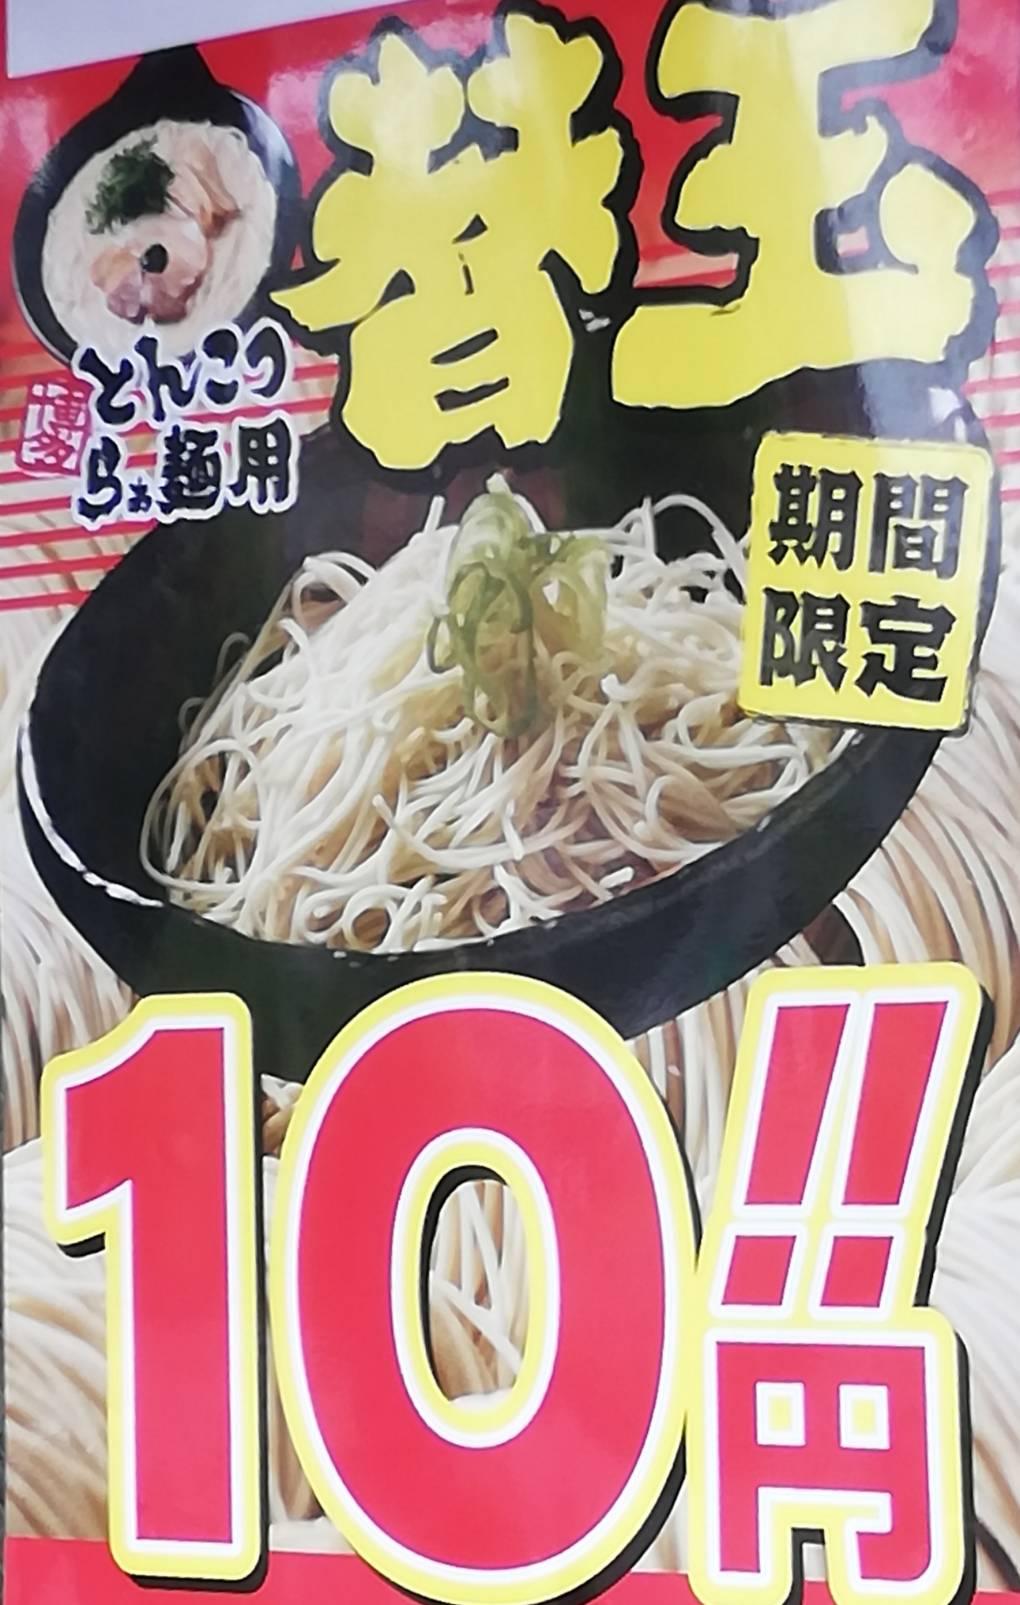 壱角家で替え玉10円馬橋店